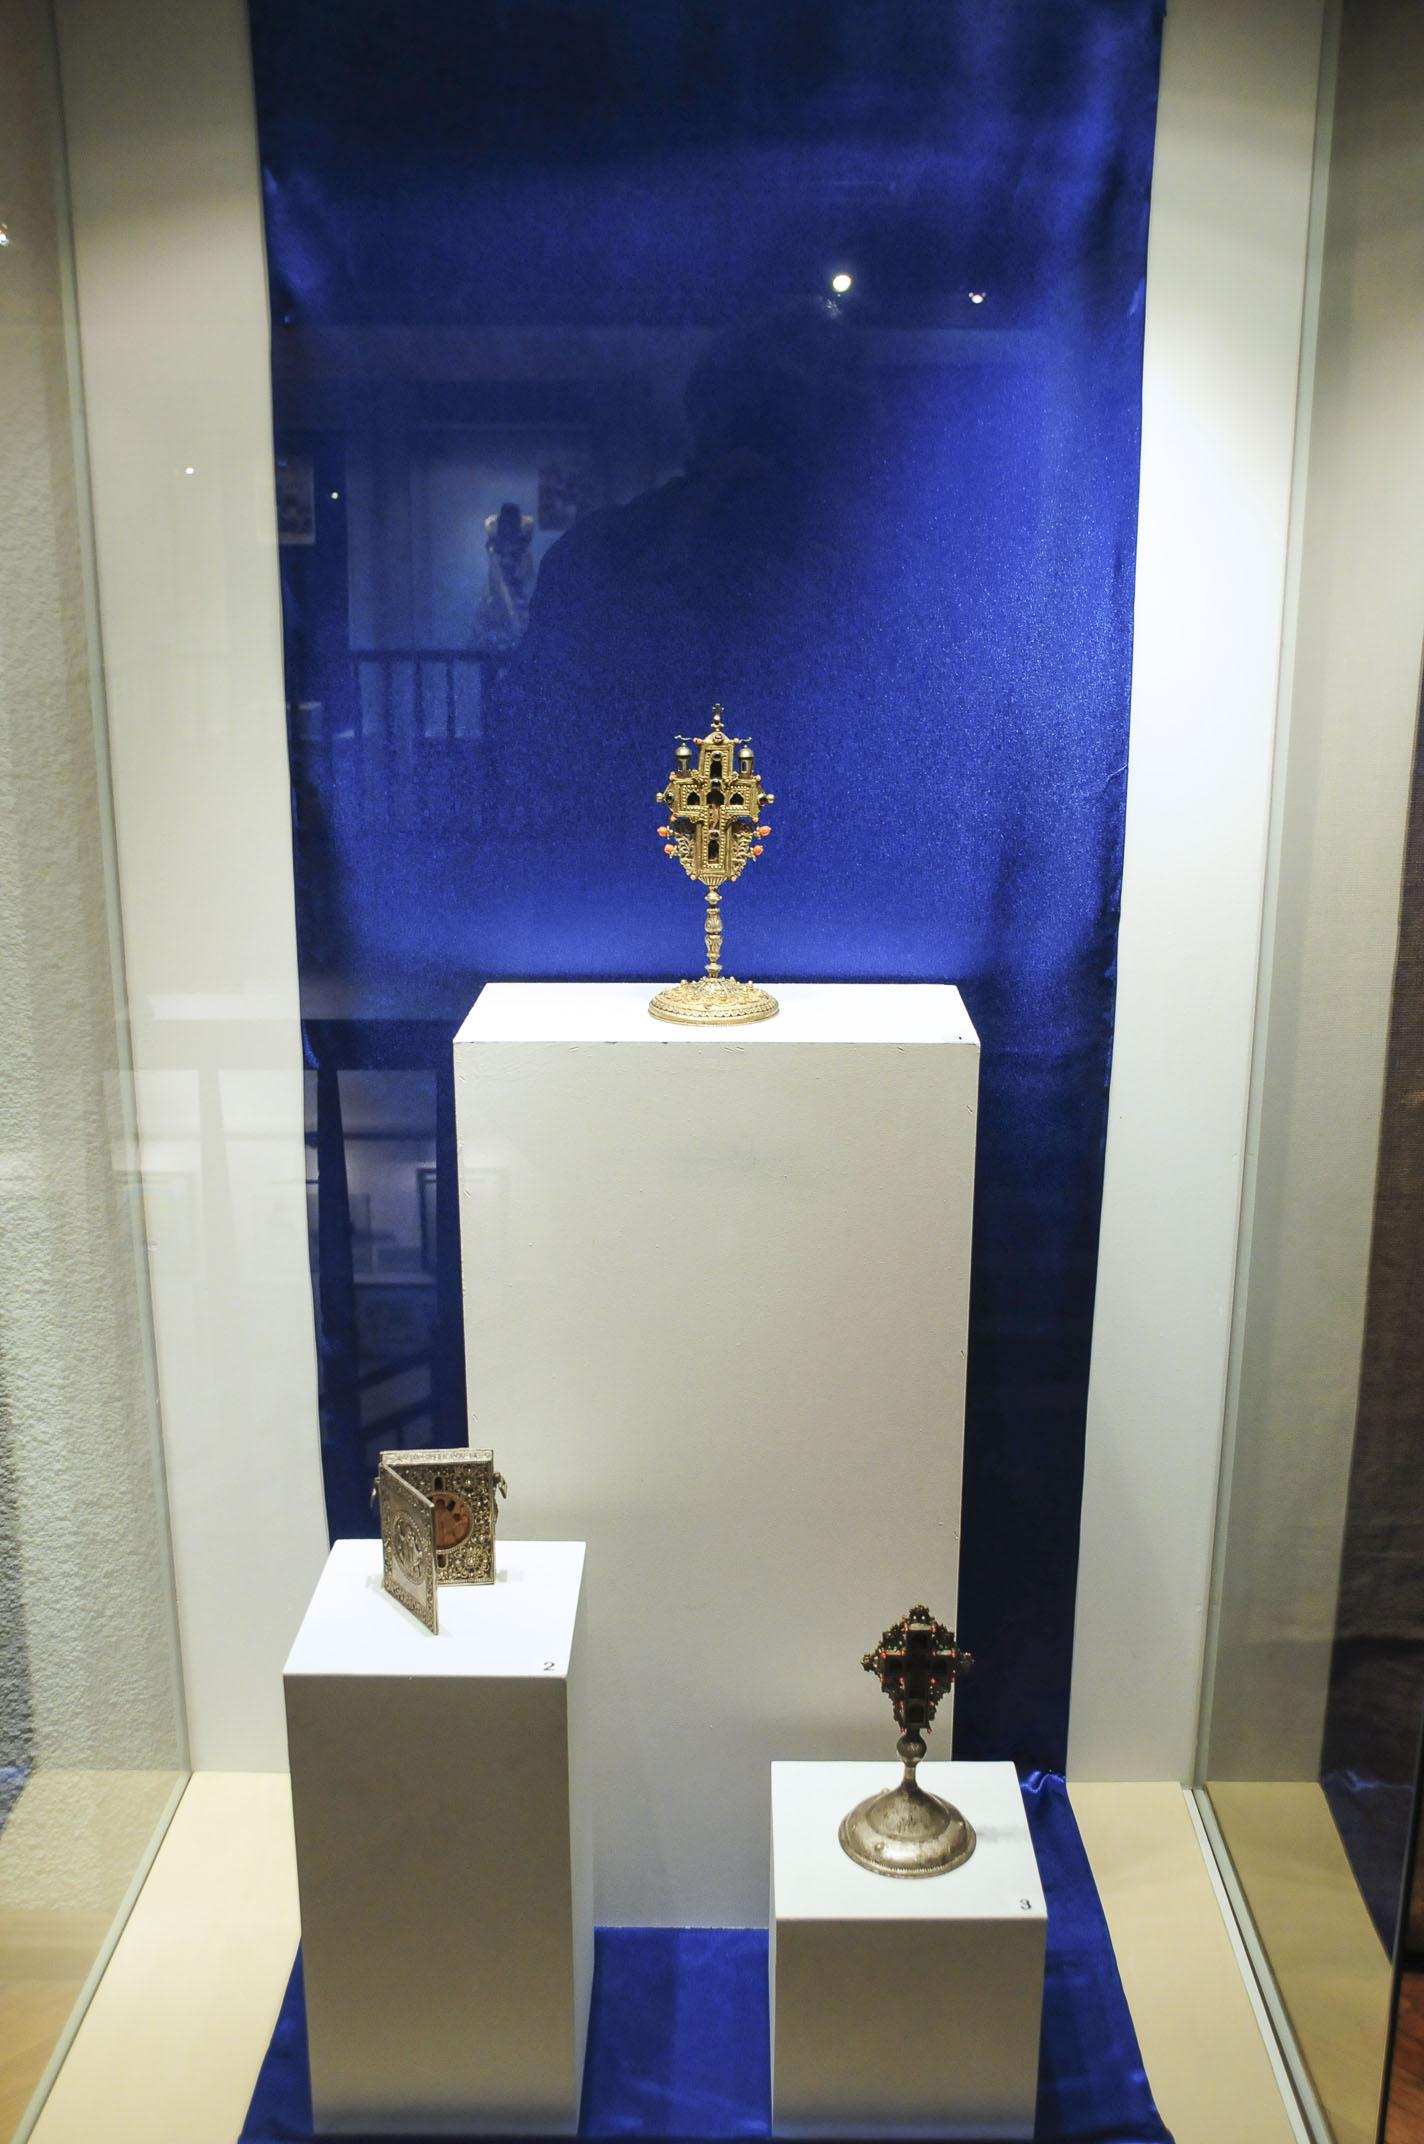 troyan-museum-bylgarsko-zlatarsko-izkustvo-39